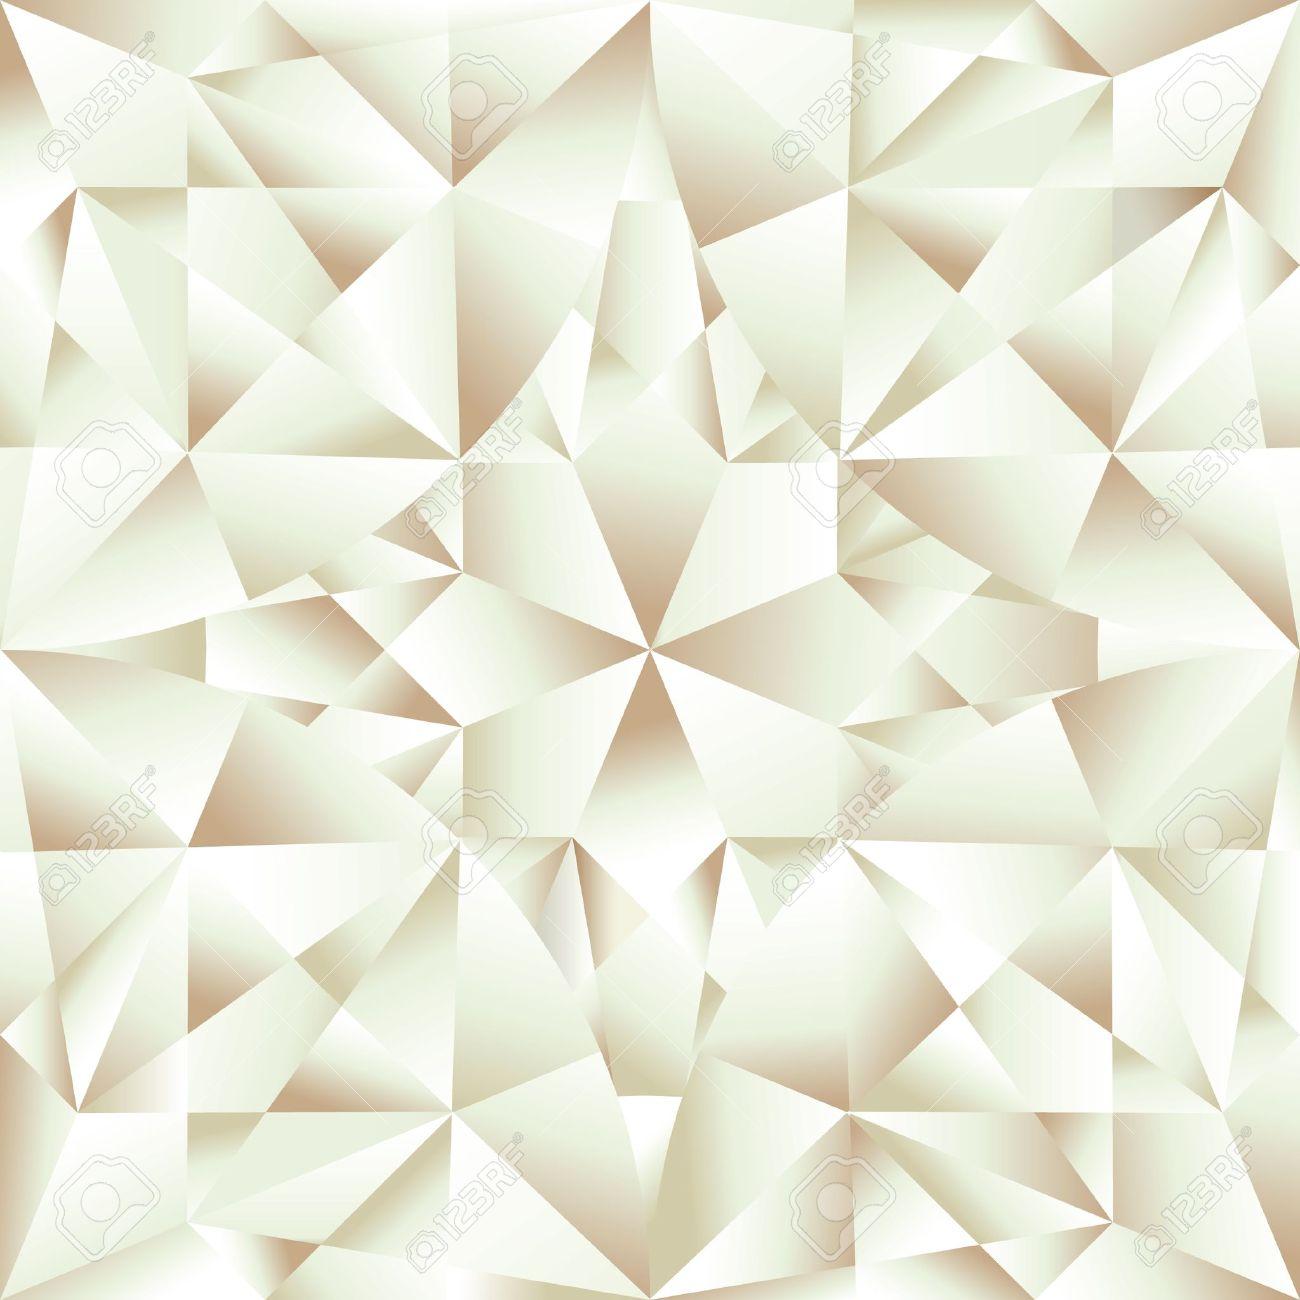 Diamond seamless pattern, abstract texture Stock Vector - 10045426